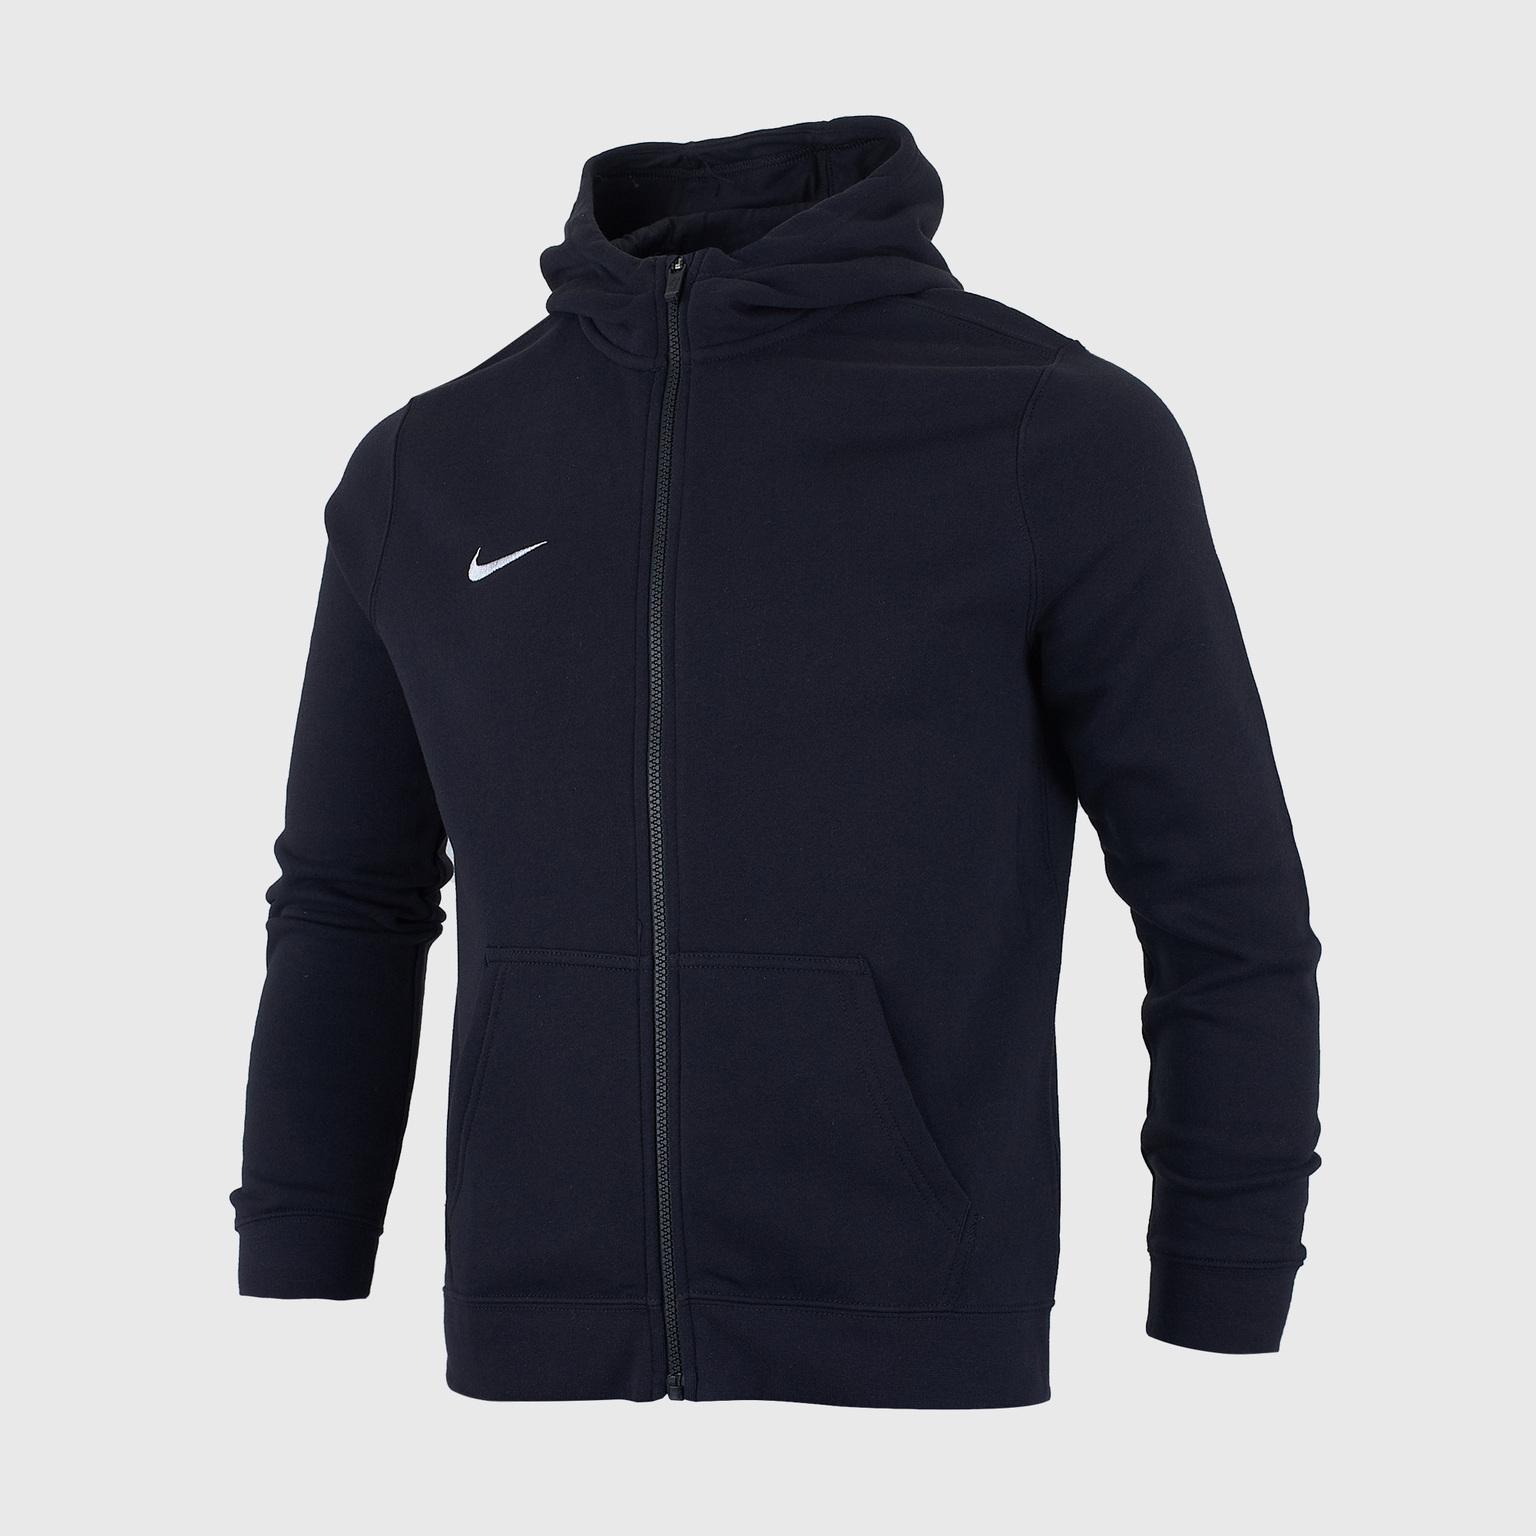 Толстовка подростковая Nike Hoodie FZ FLC Club19 AJ1458-010 футболка подростковая nike neymar tee hero cd0174 010